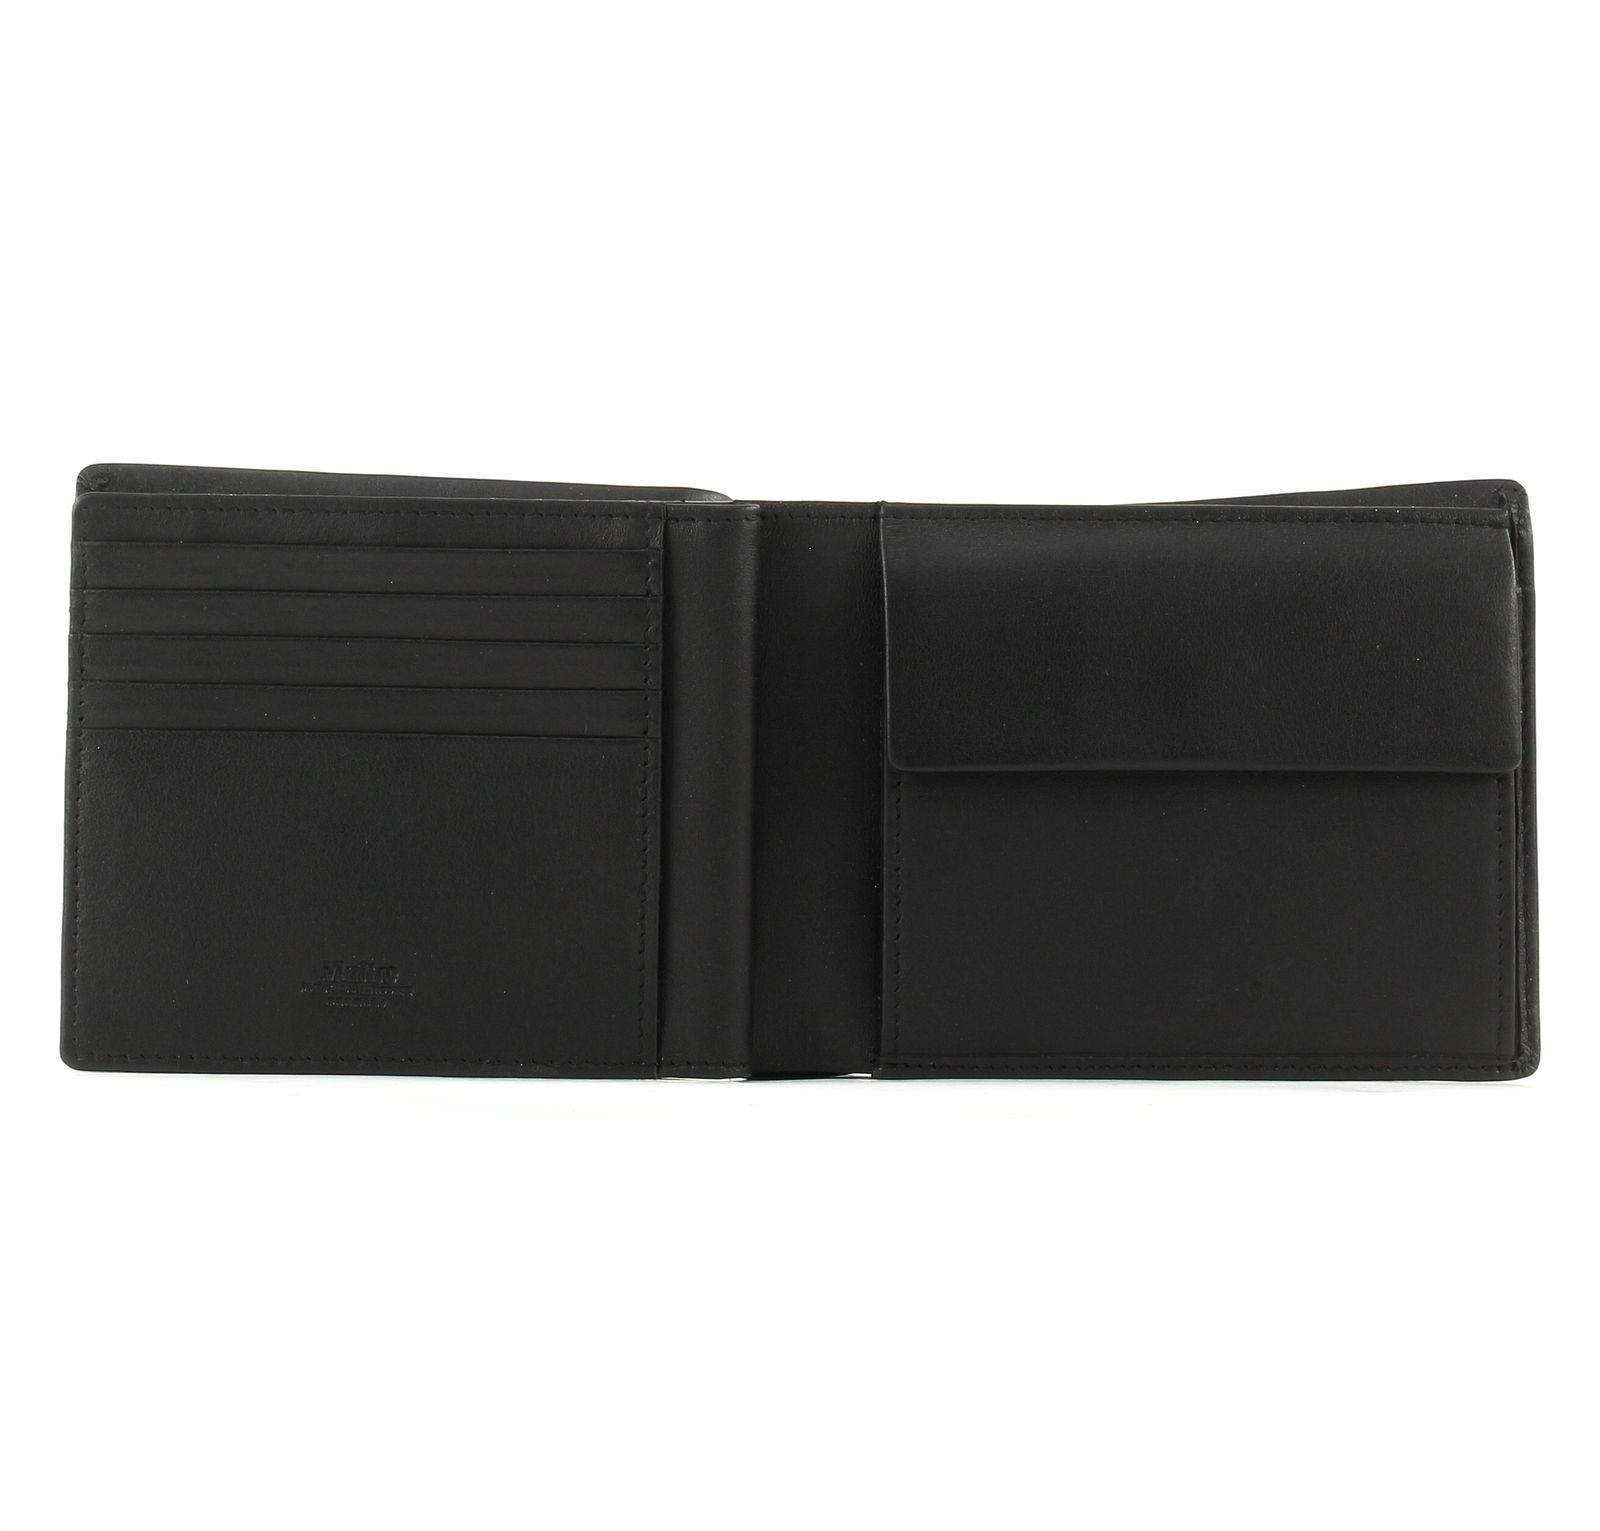 maitre billfold qf purse wallet black. Black Bedroom Furniture Sets. Home Design Ideas